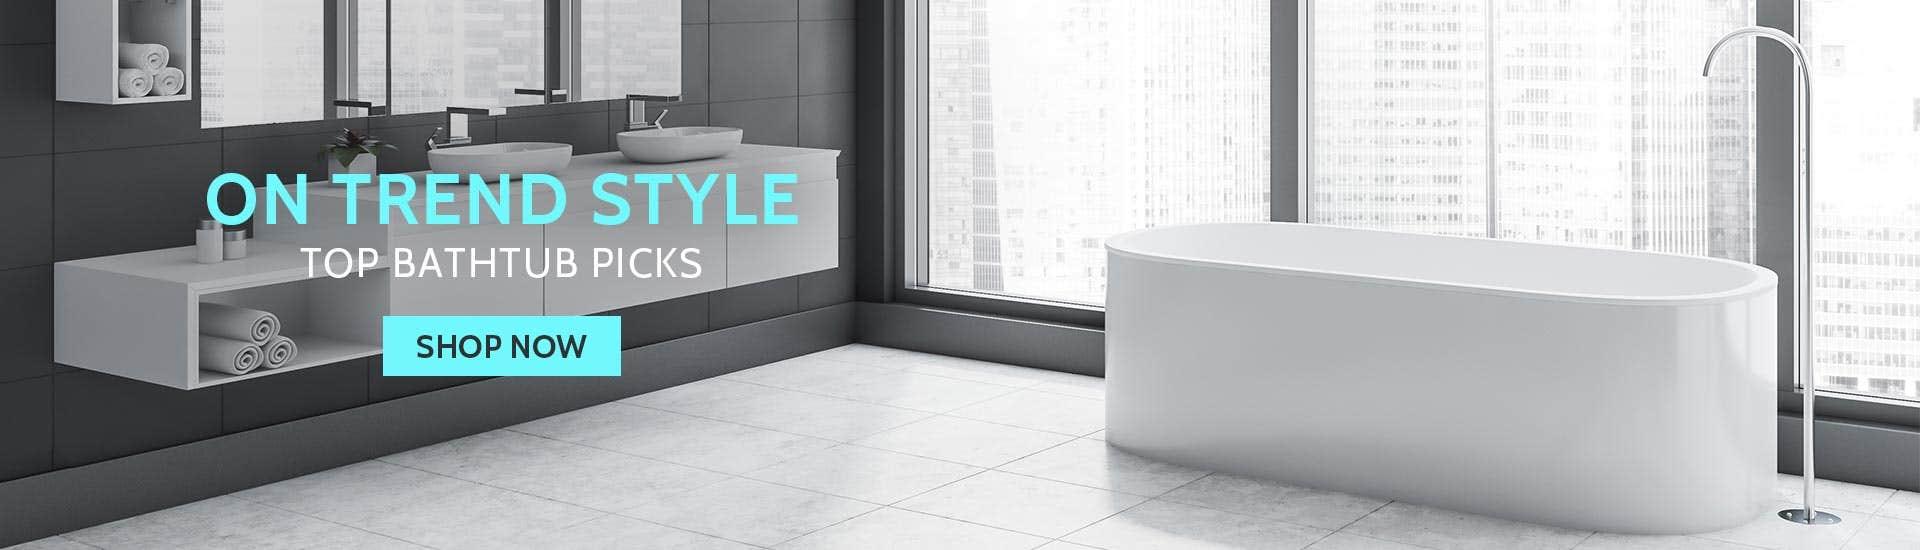 On Trend Style. Top Bathtub Picks.